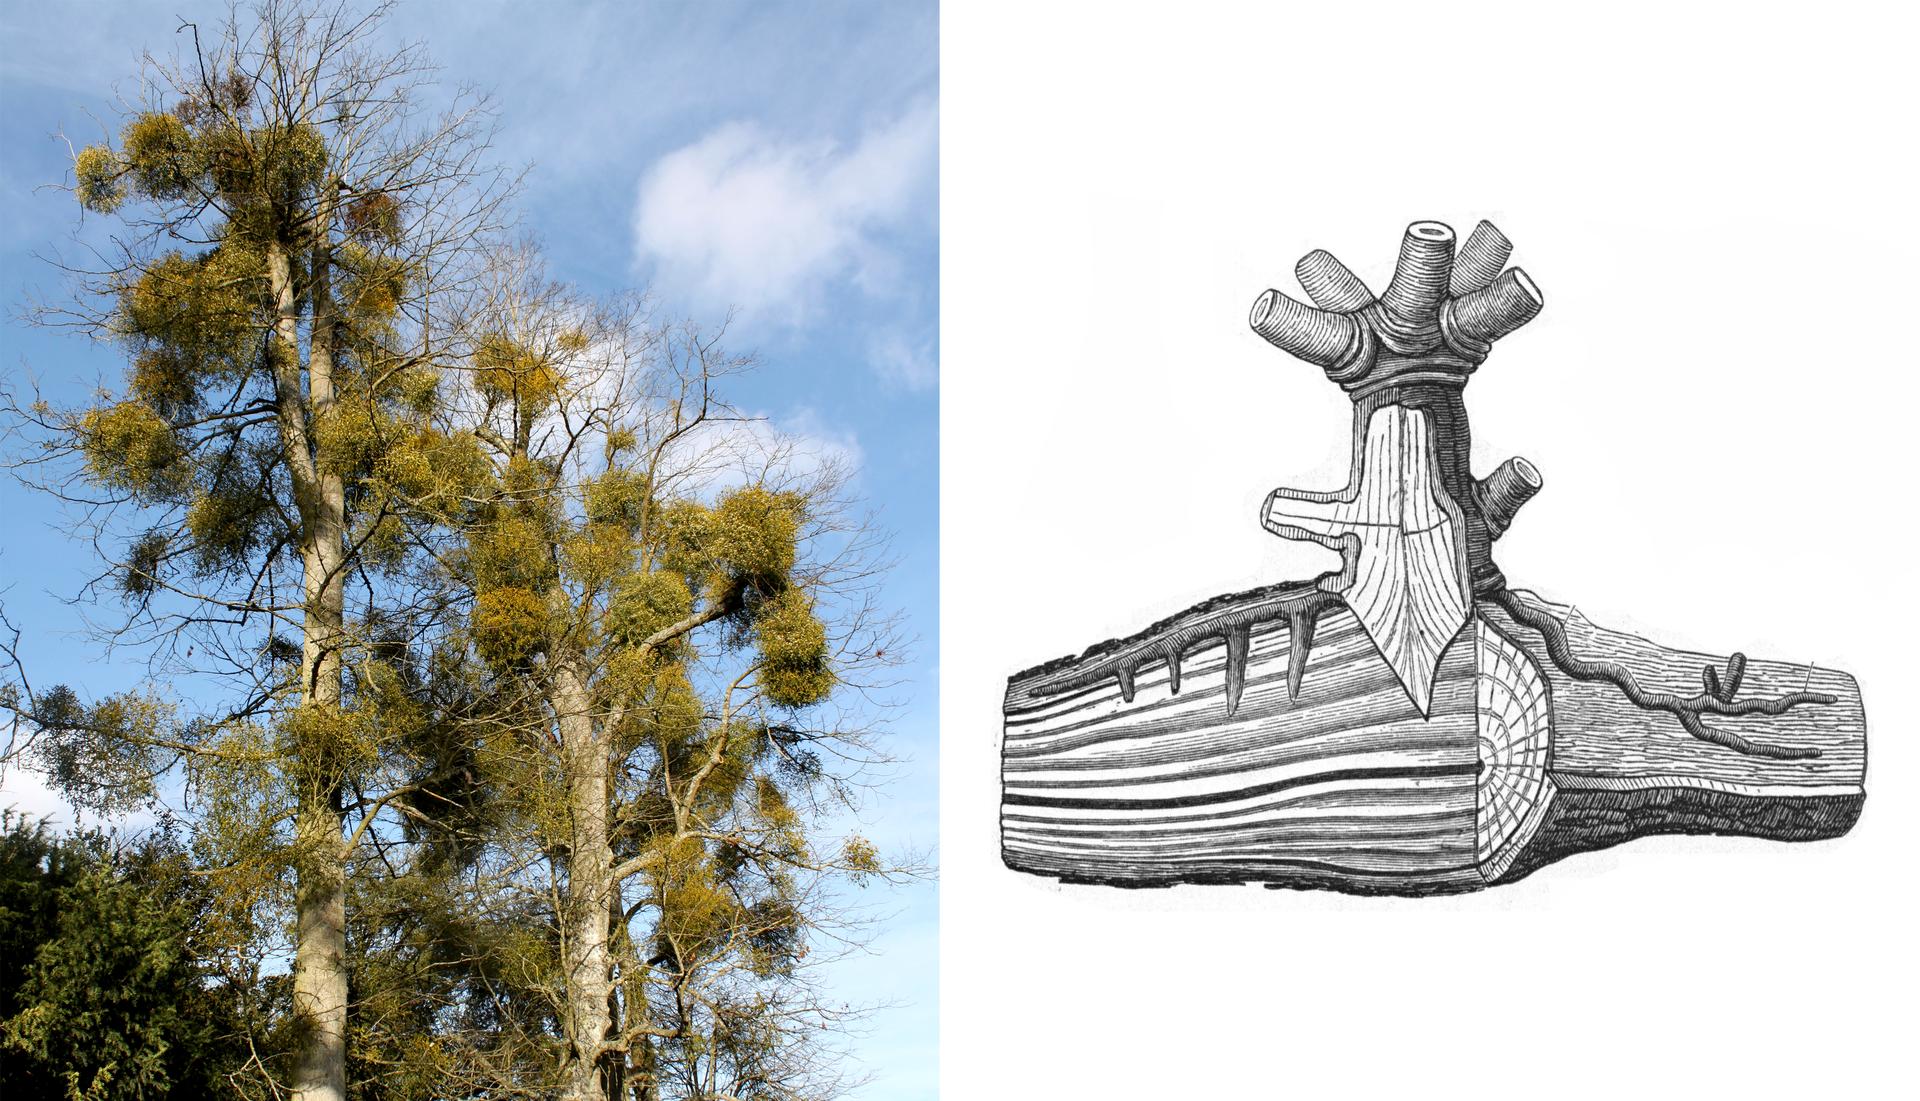 Ilustracja przedstawia jemiołę. Po lewej na fotografii ukazano dwa drzewa, których gałęzie są oblepione kulami jemioły. Po prawej rysunek przedstawia przekrój gałęzi drzewa, do której pod korę wrastają korzenie jemioły. Jemioła pobiera wodę ztkanek drzewa – gospodarza.